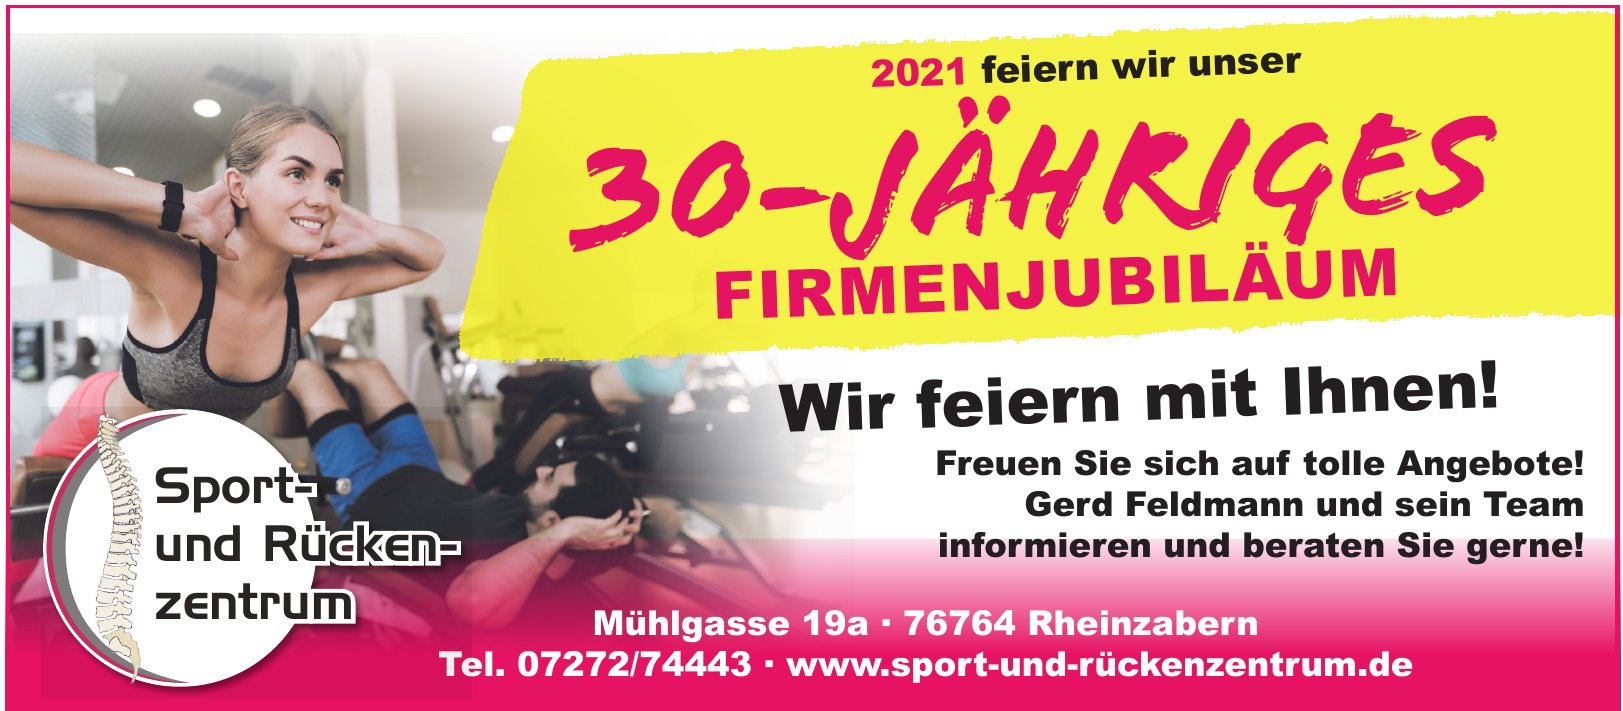 Sport- und Rückenzentrum Rheinzabern